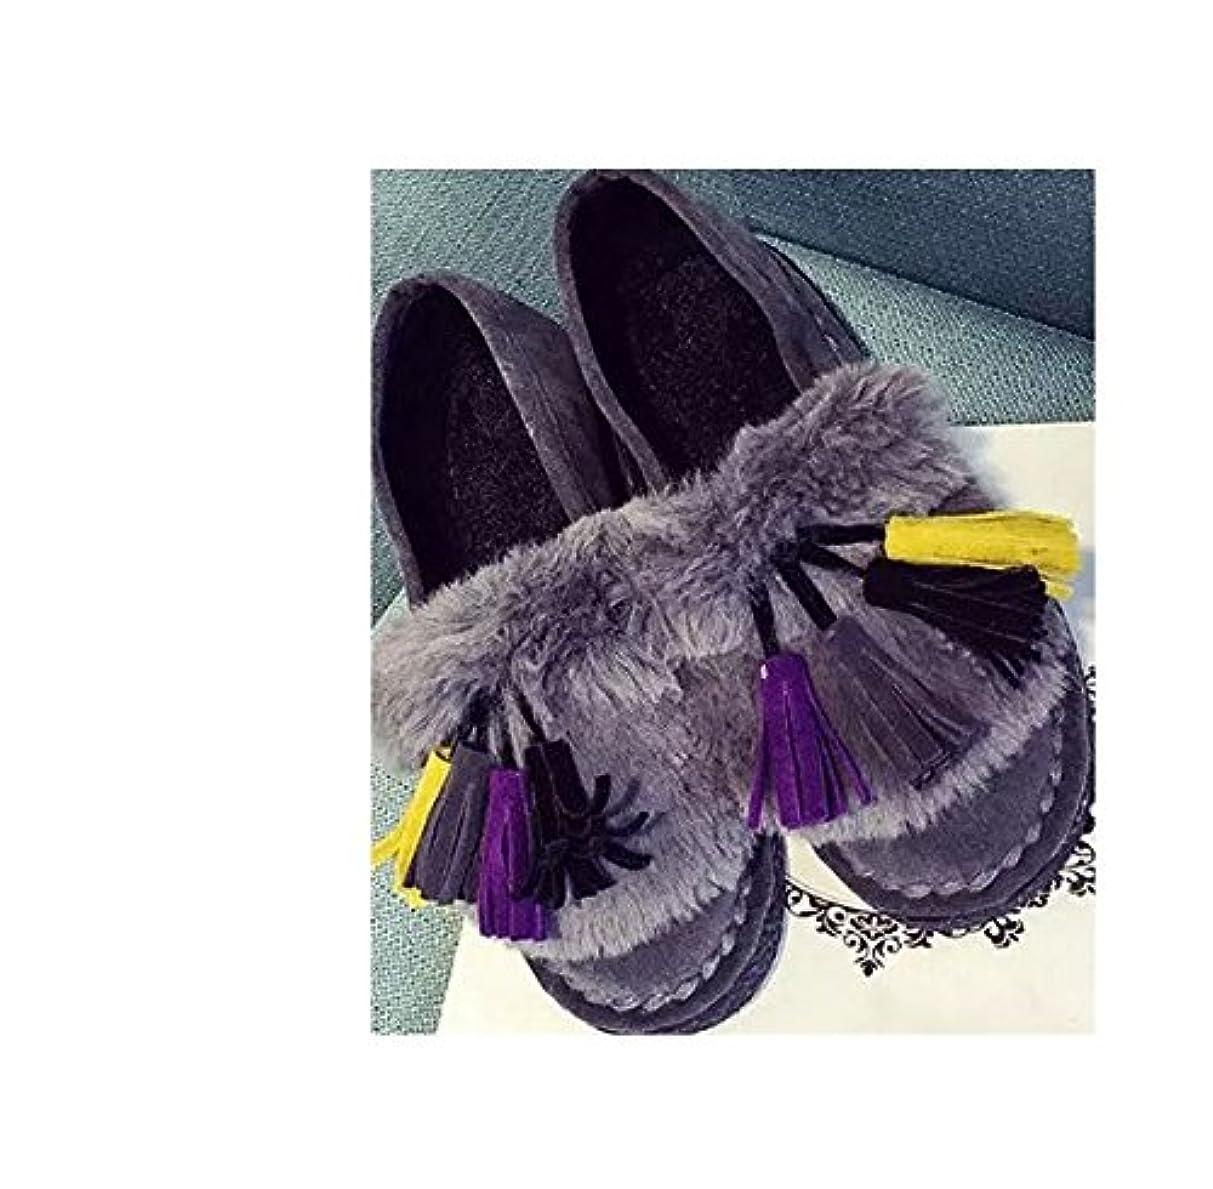 待って除外する幾分(マリア)MARIAH ムートンブーツ レディース ショートブーツ 編み上げ 靴 ミニ丈 スッキリ